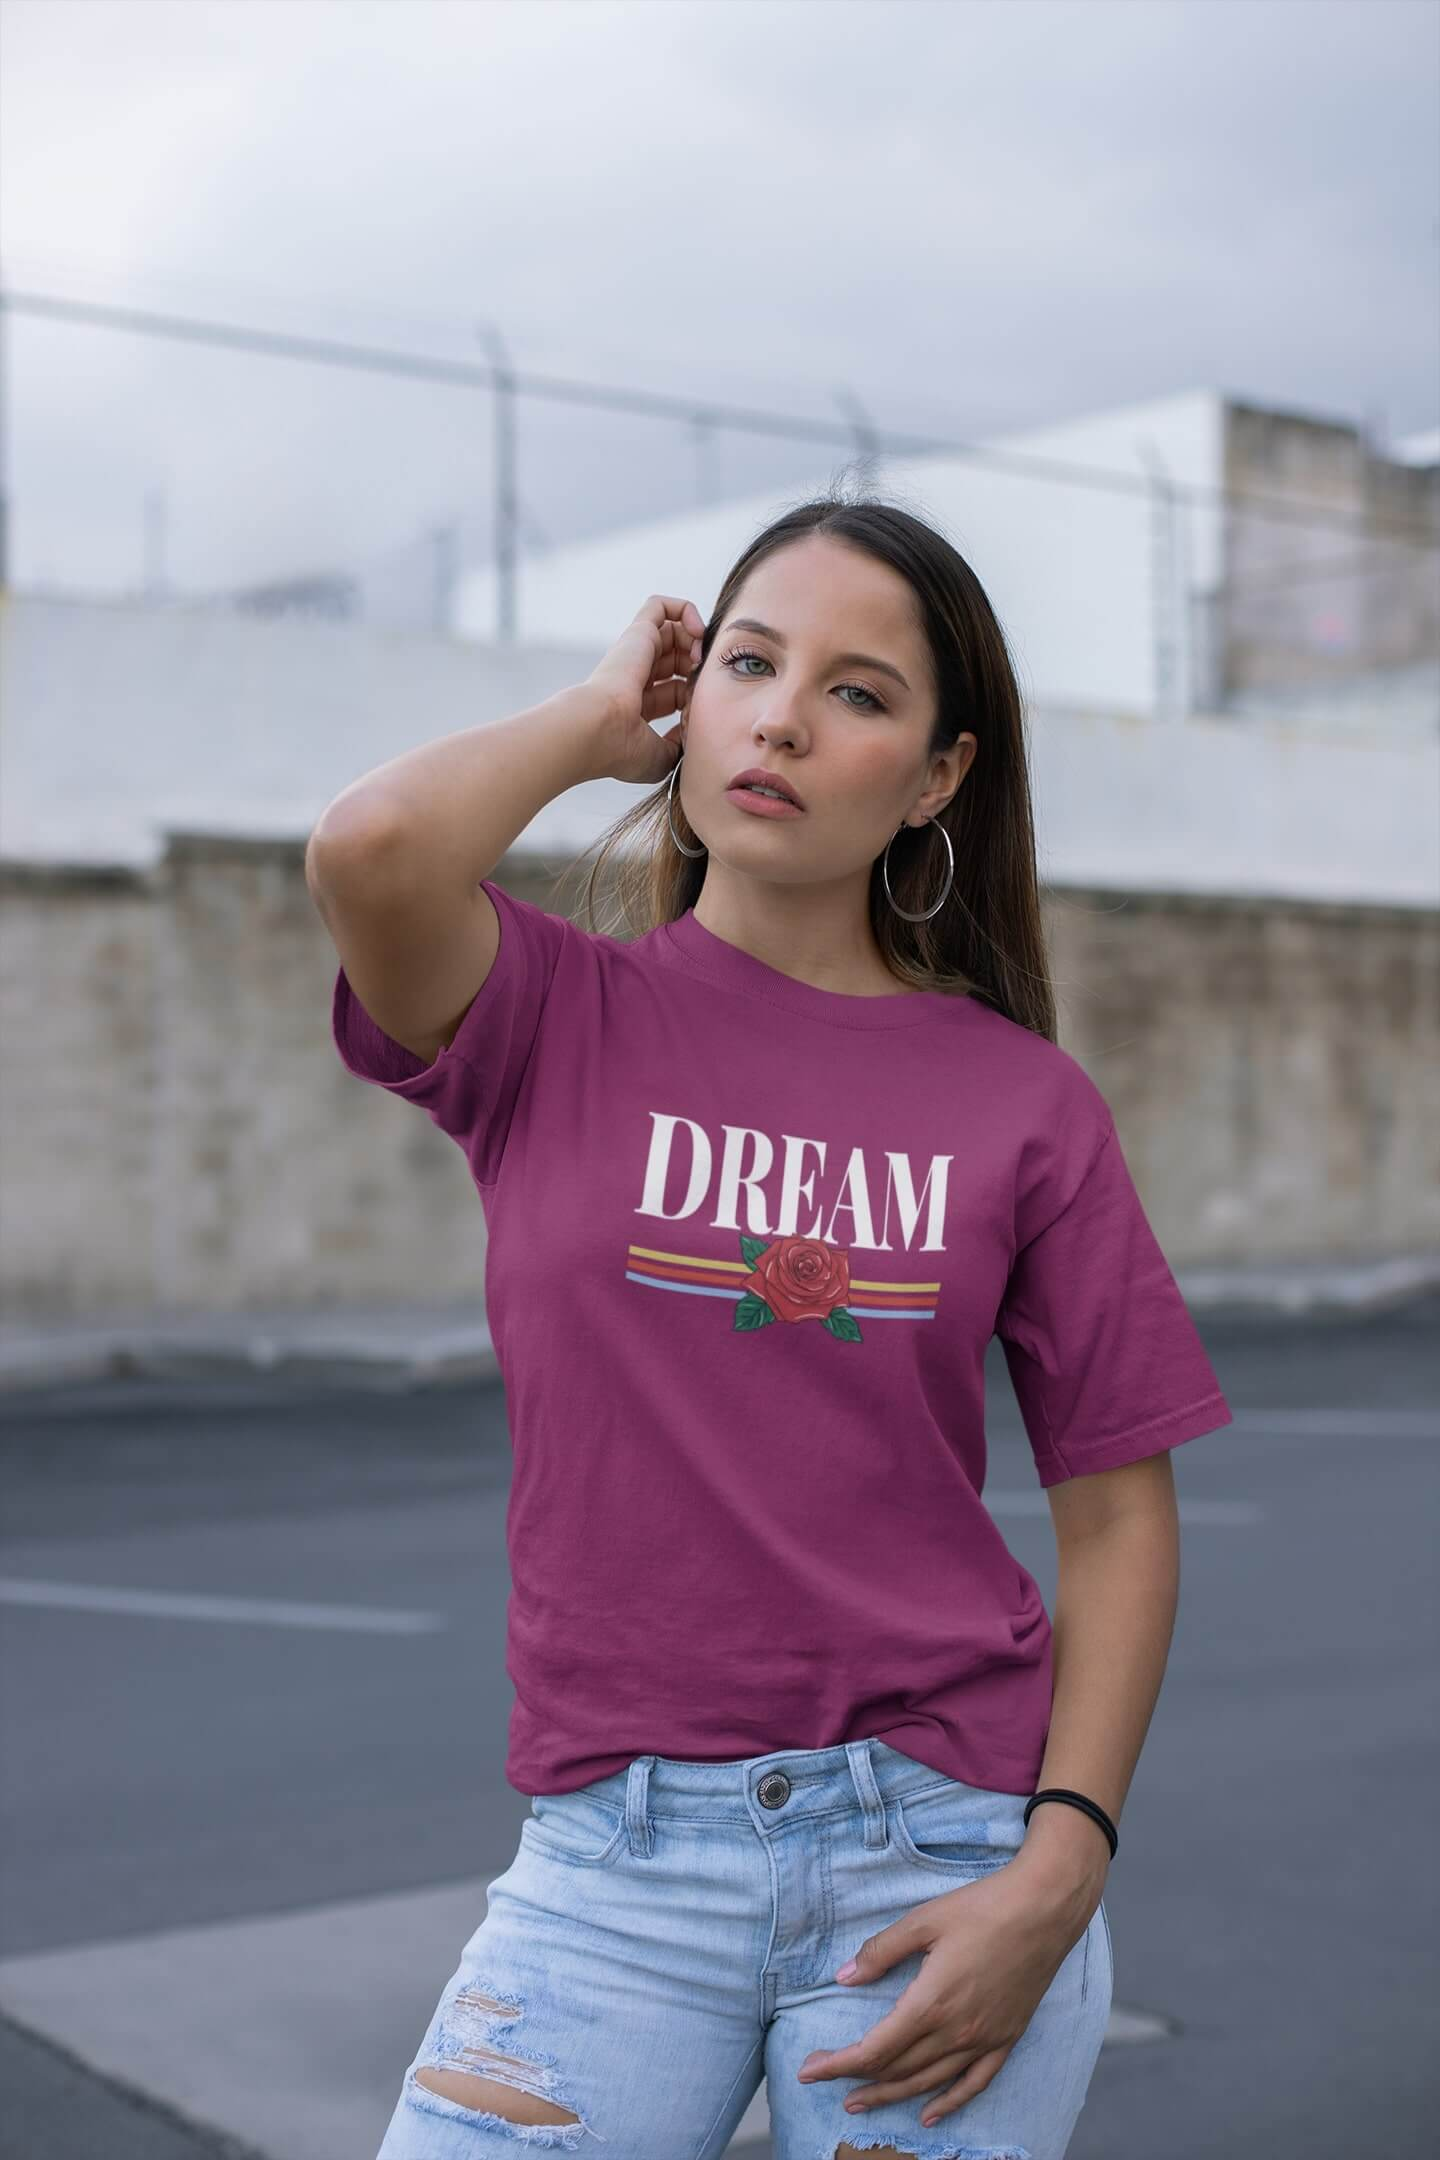 MMO Dámske tričko Dream Vyberte farbu: Fuchsiovo červená, Vyberte veľkosť: L